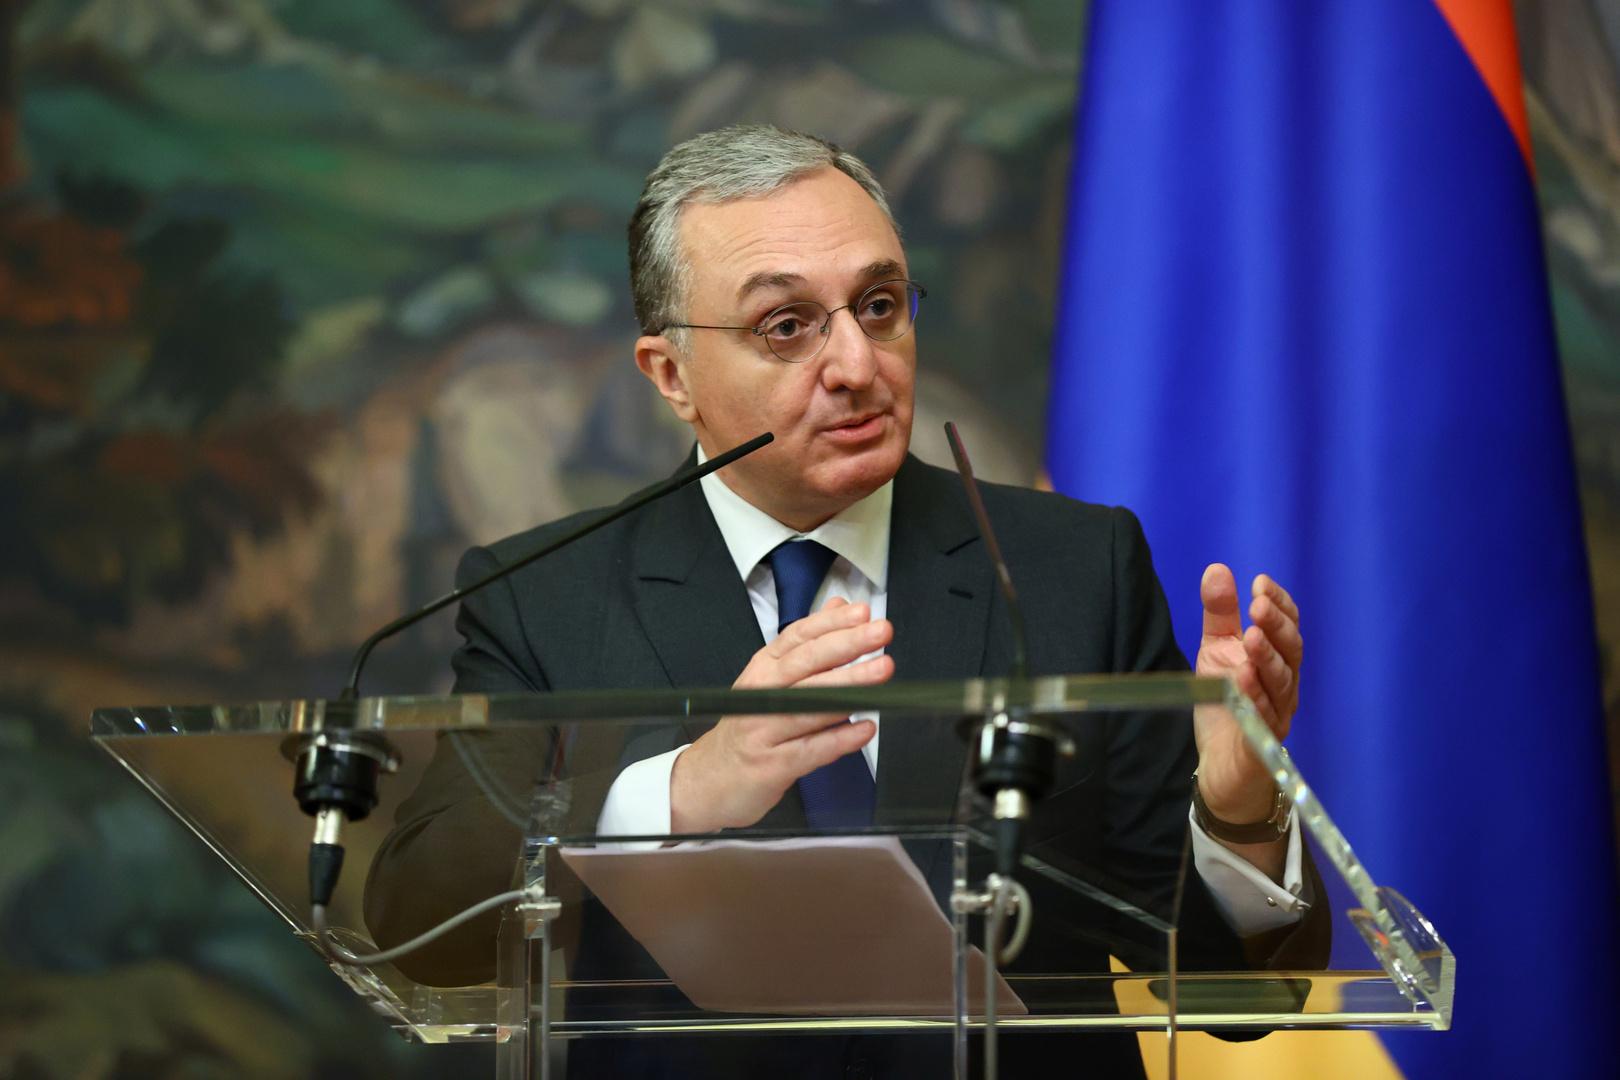 وزير الخارجية الأرمني زوغراب مناتساكانيان